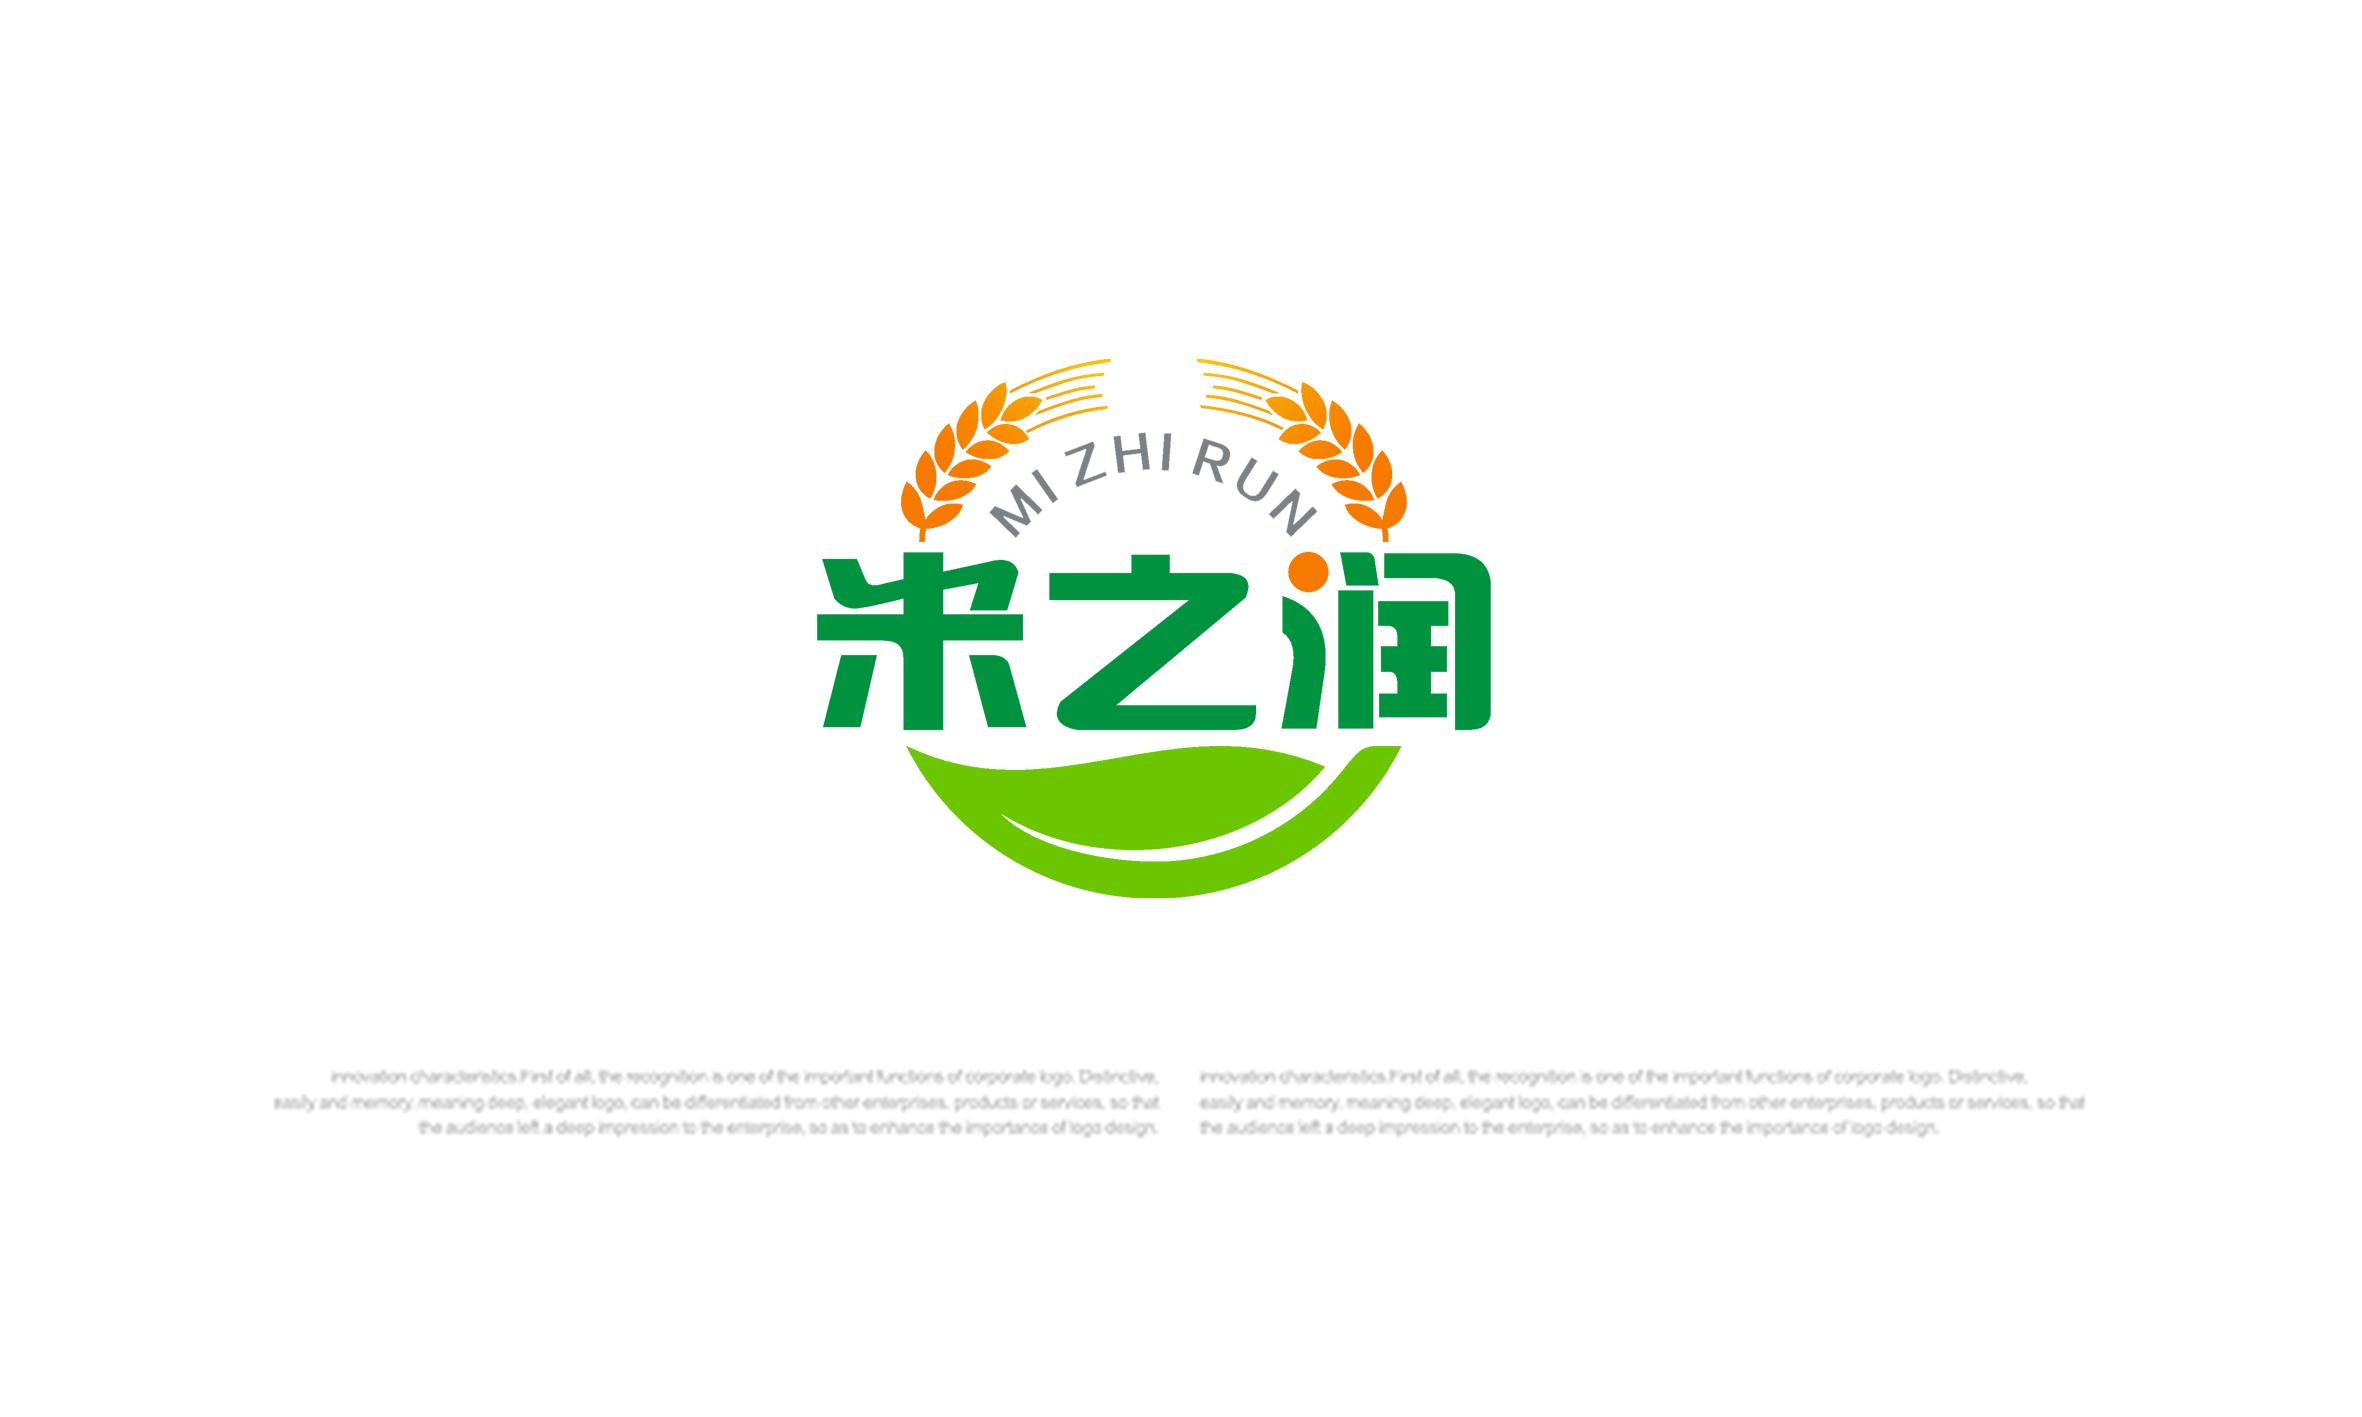 米之润logo设计_2955886_k68威客网